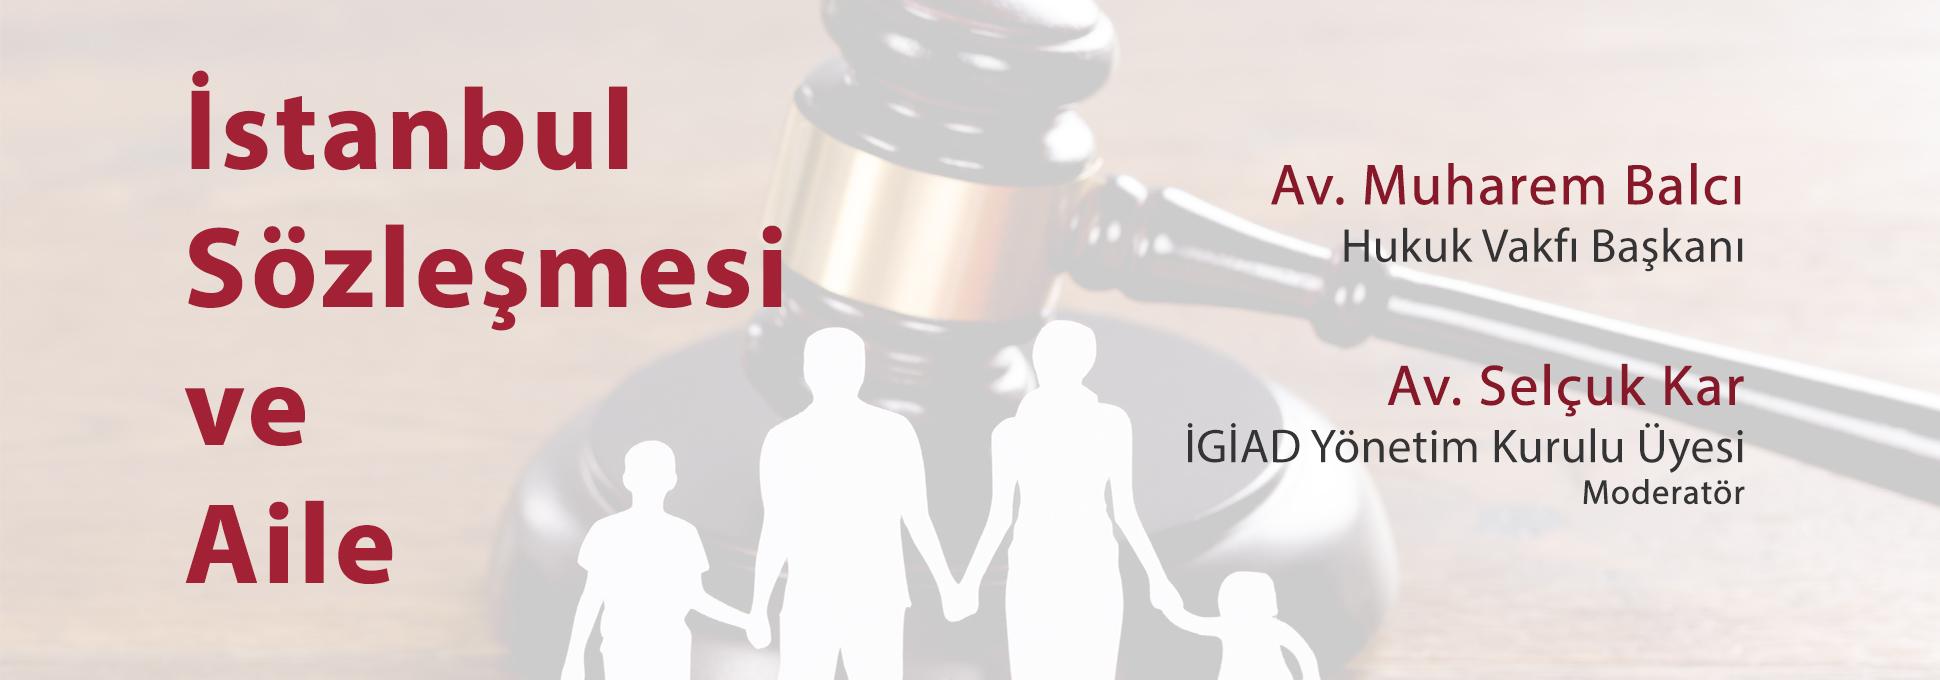 İstanbul Sözleşmesi ve Aile